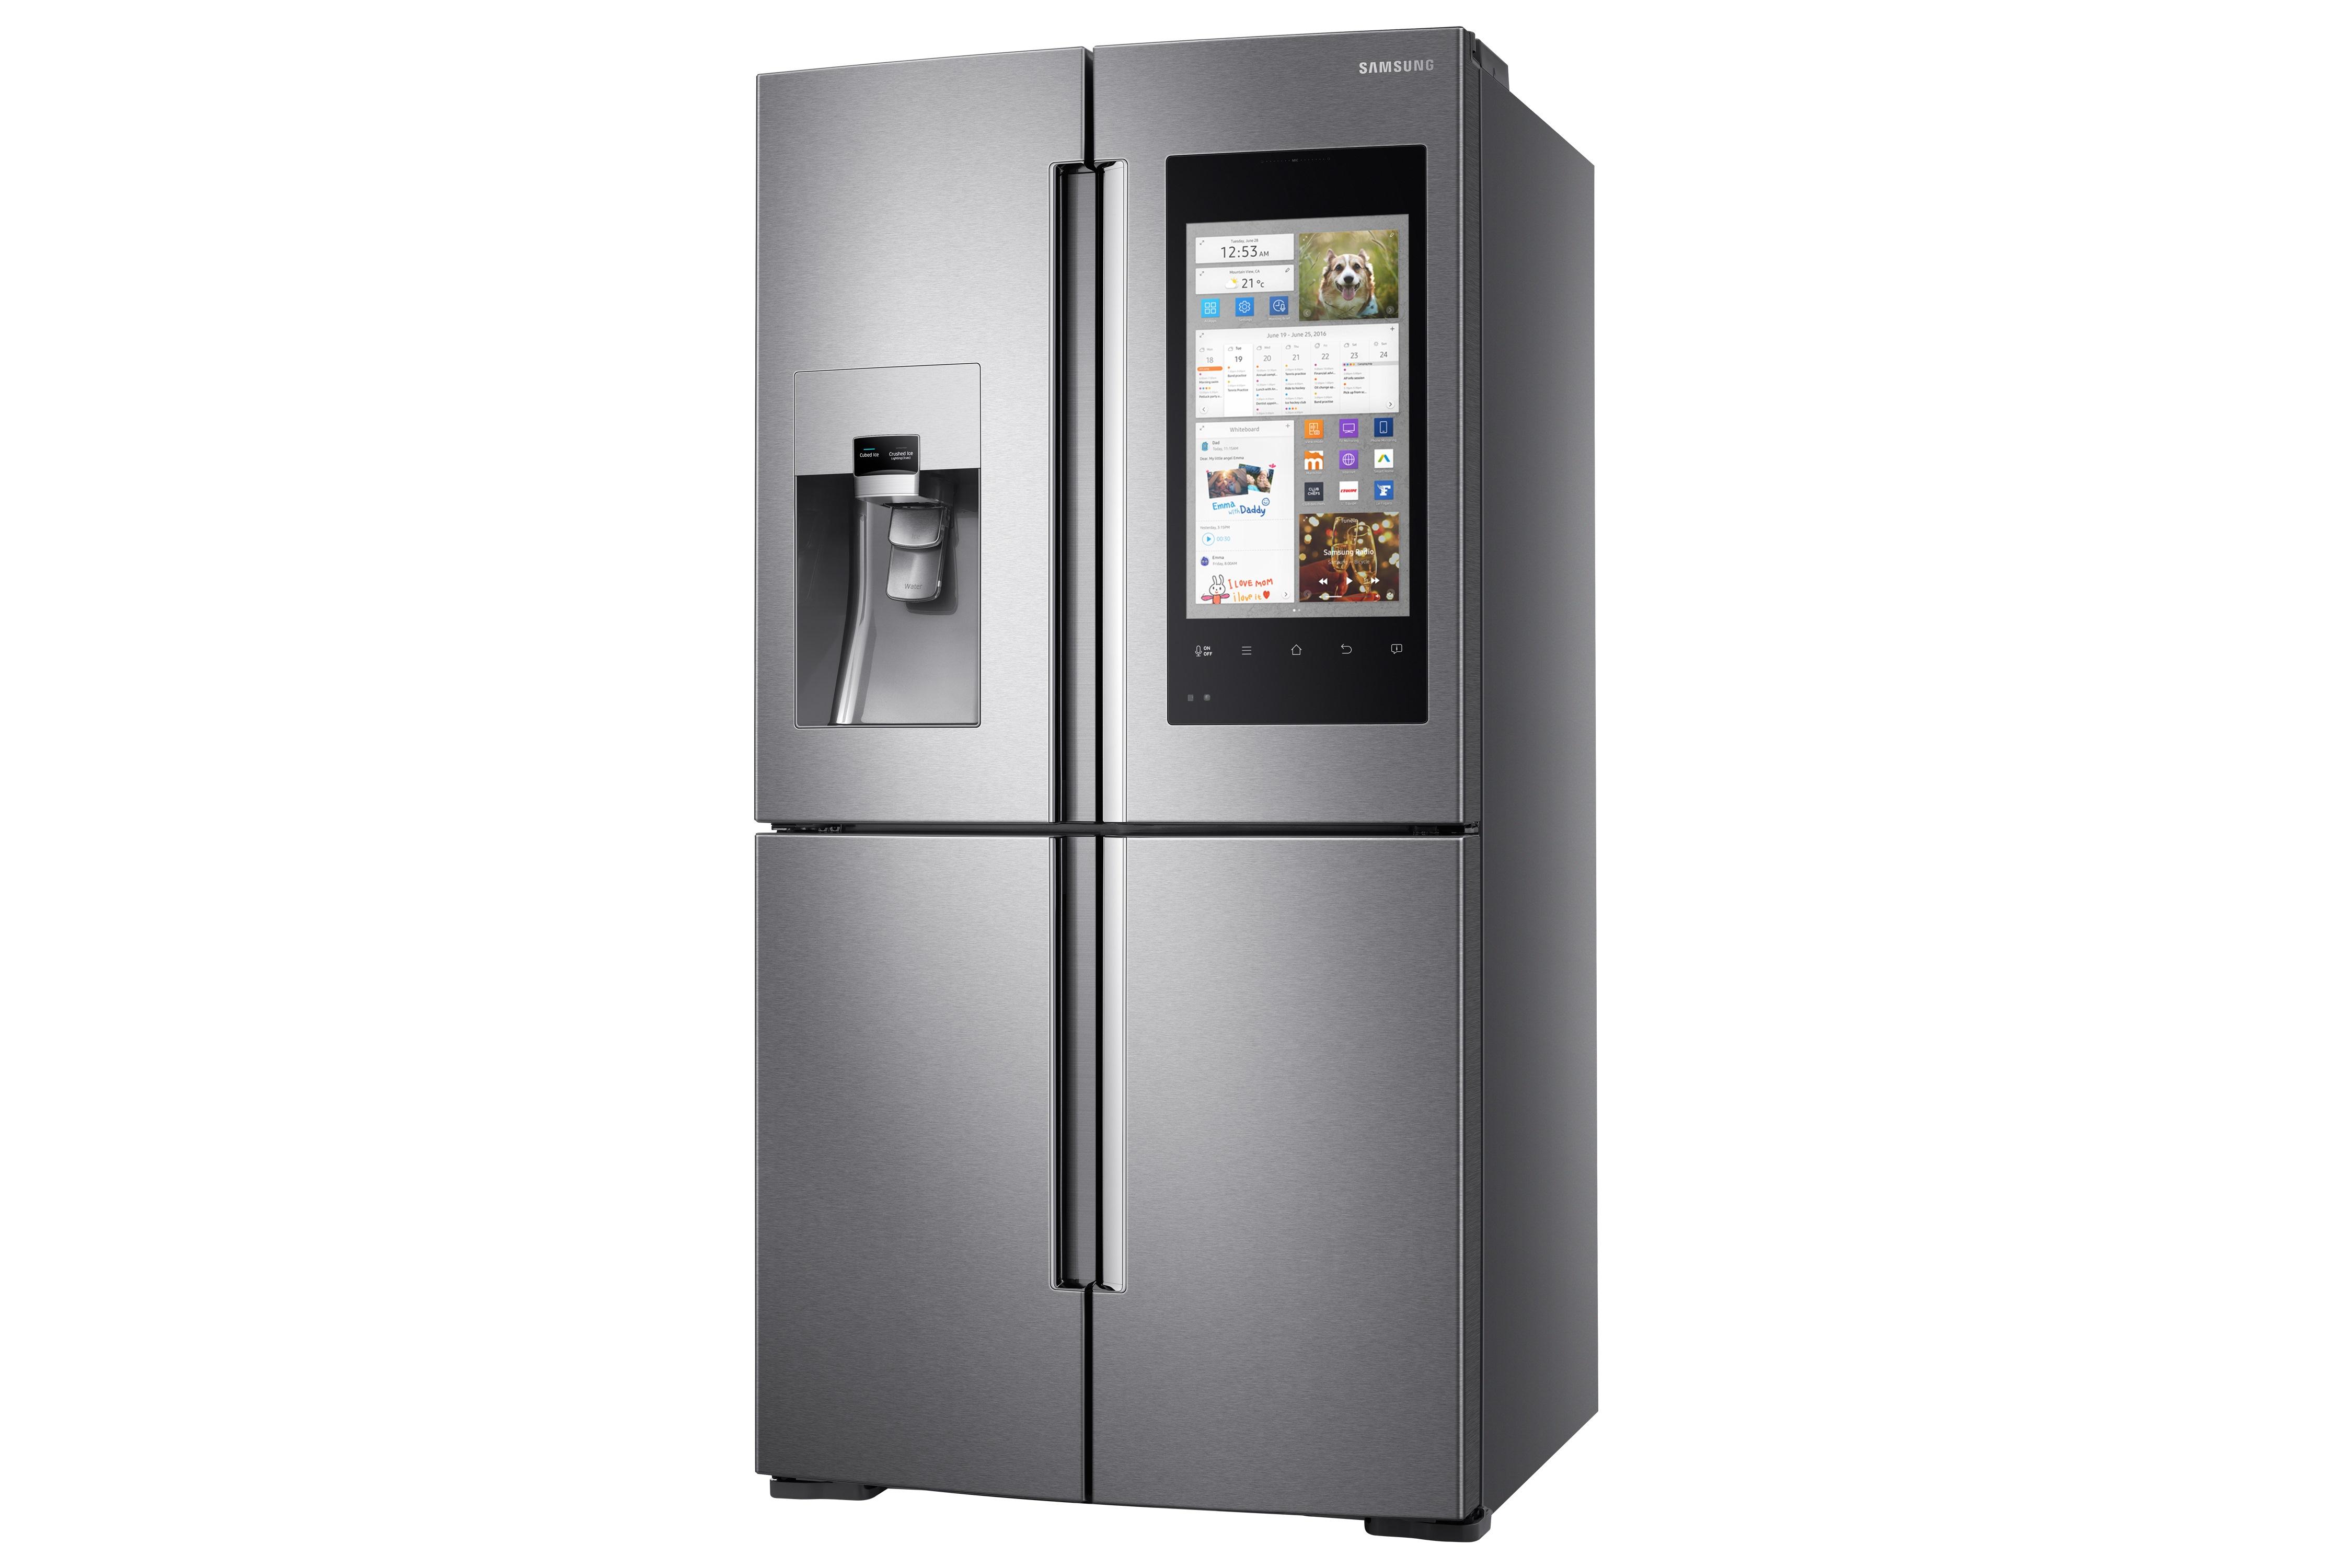 Familyhub il frigo intelligente casa design for Nuovo frigo samsung